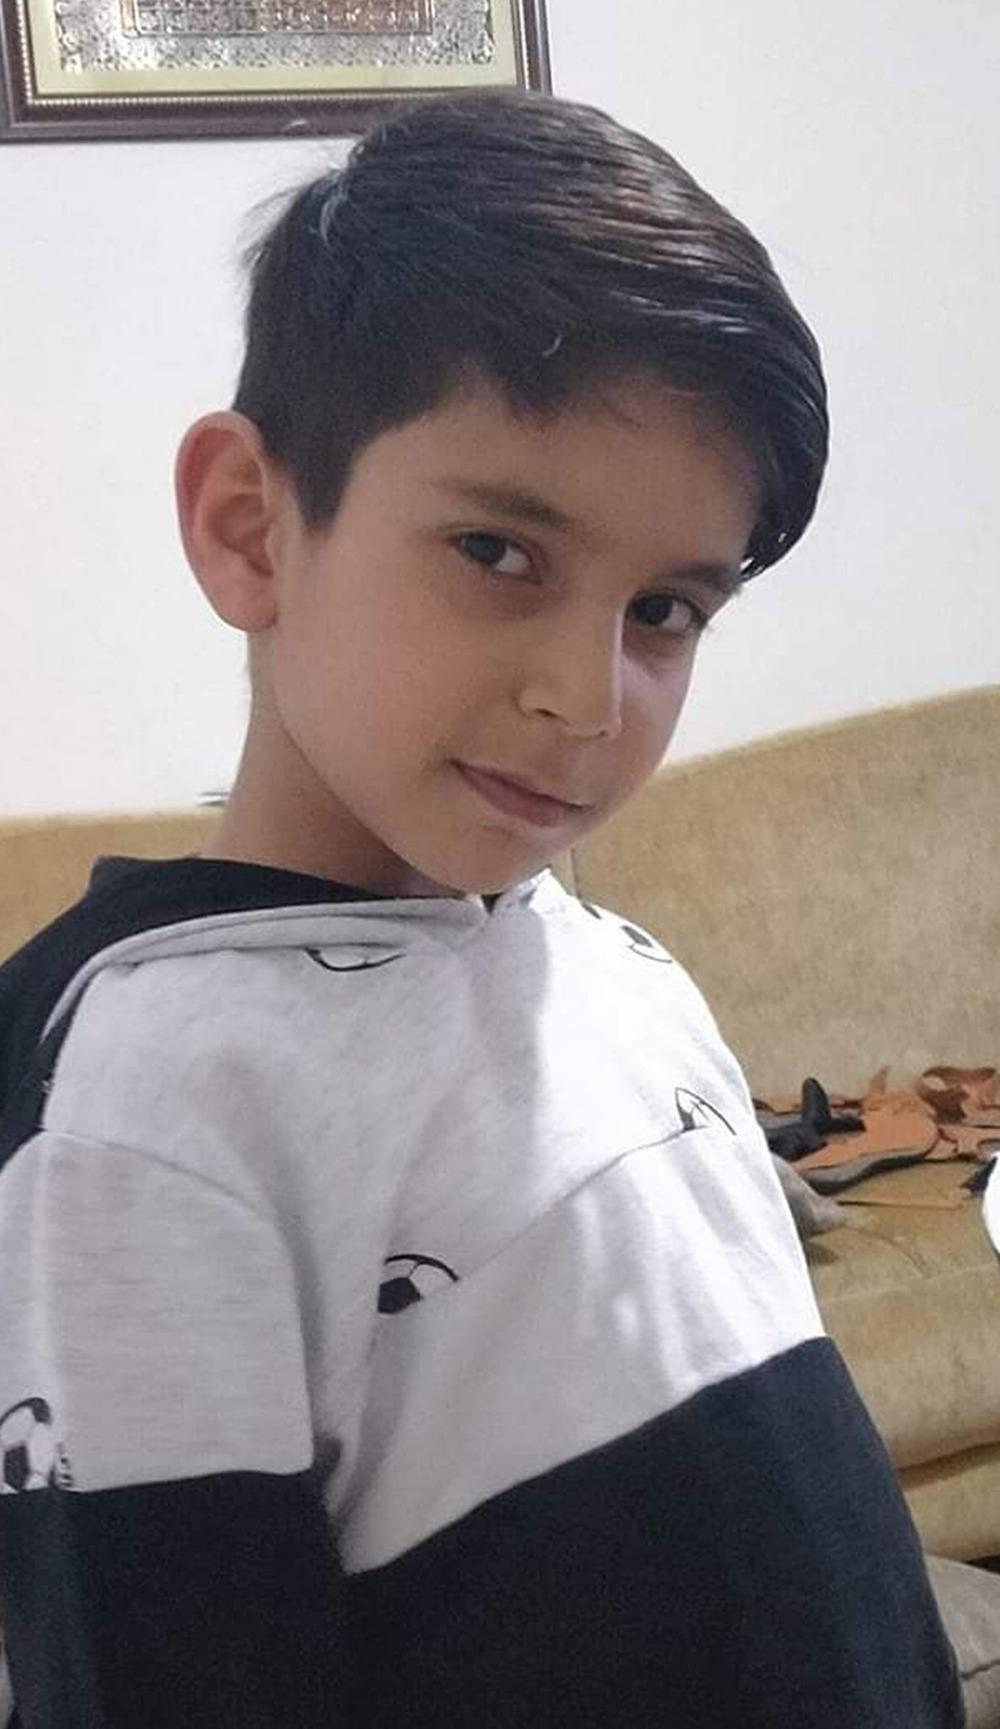 Con trai 8 tuổi đuối nước ngay trước mặt, bố mẹ xem lại camera an ninh thì đau đớn và hối hận tột cùng - Ảnh 3.